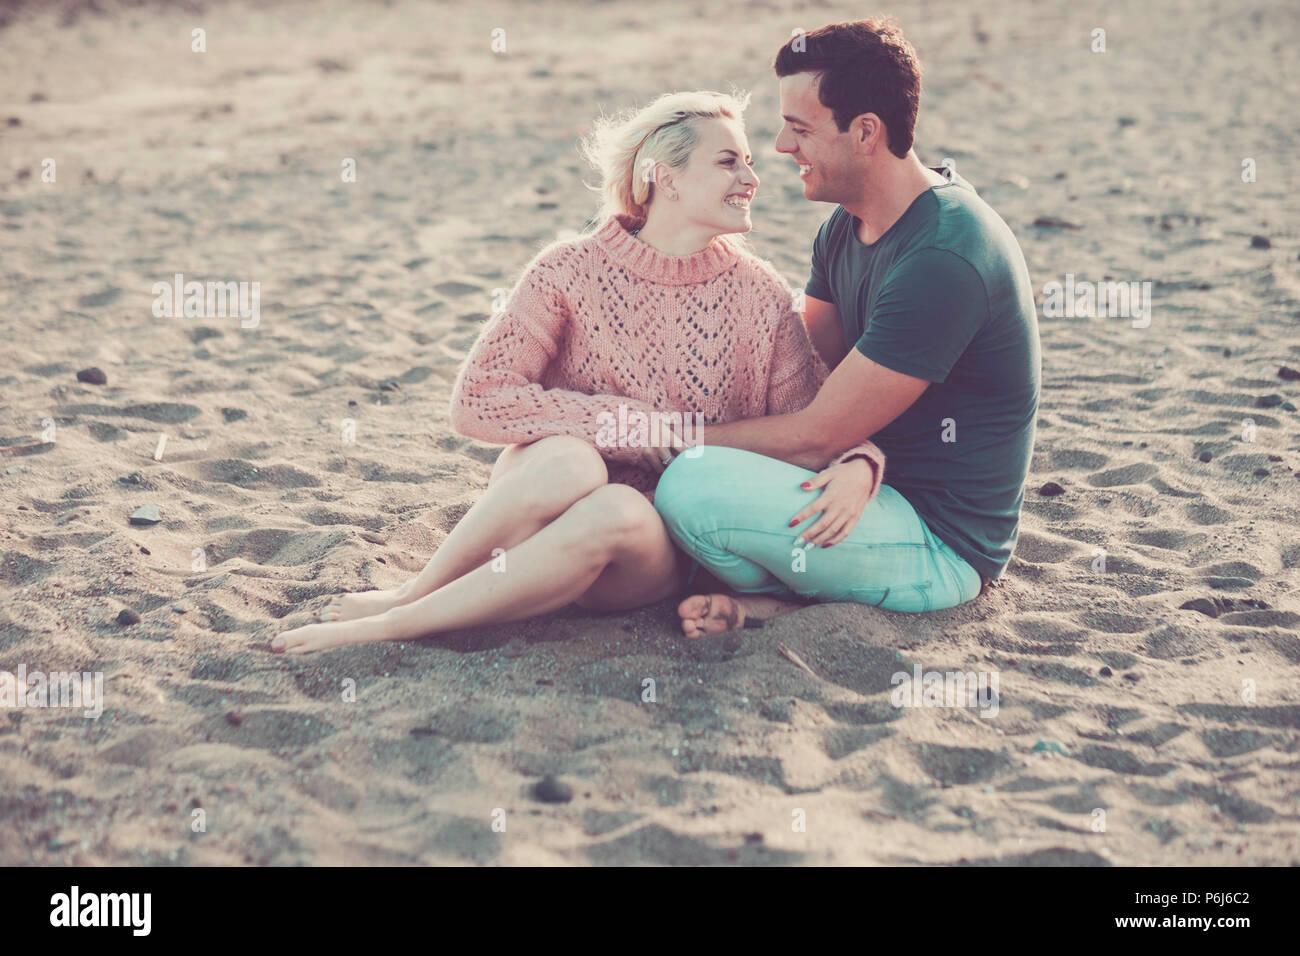 Schönes Modell Paar kaukasischen junge Frau und Mann in Liebe umarmen und am Strand zu sitzen. Blond und schwarzes Haar in Beziehung outdoor leisu Stockbild